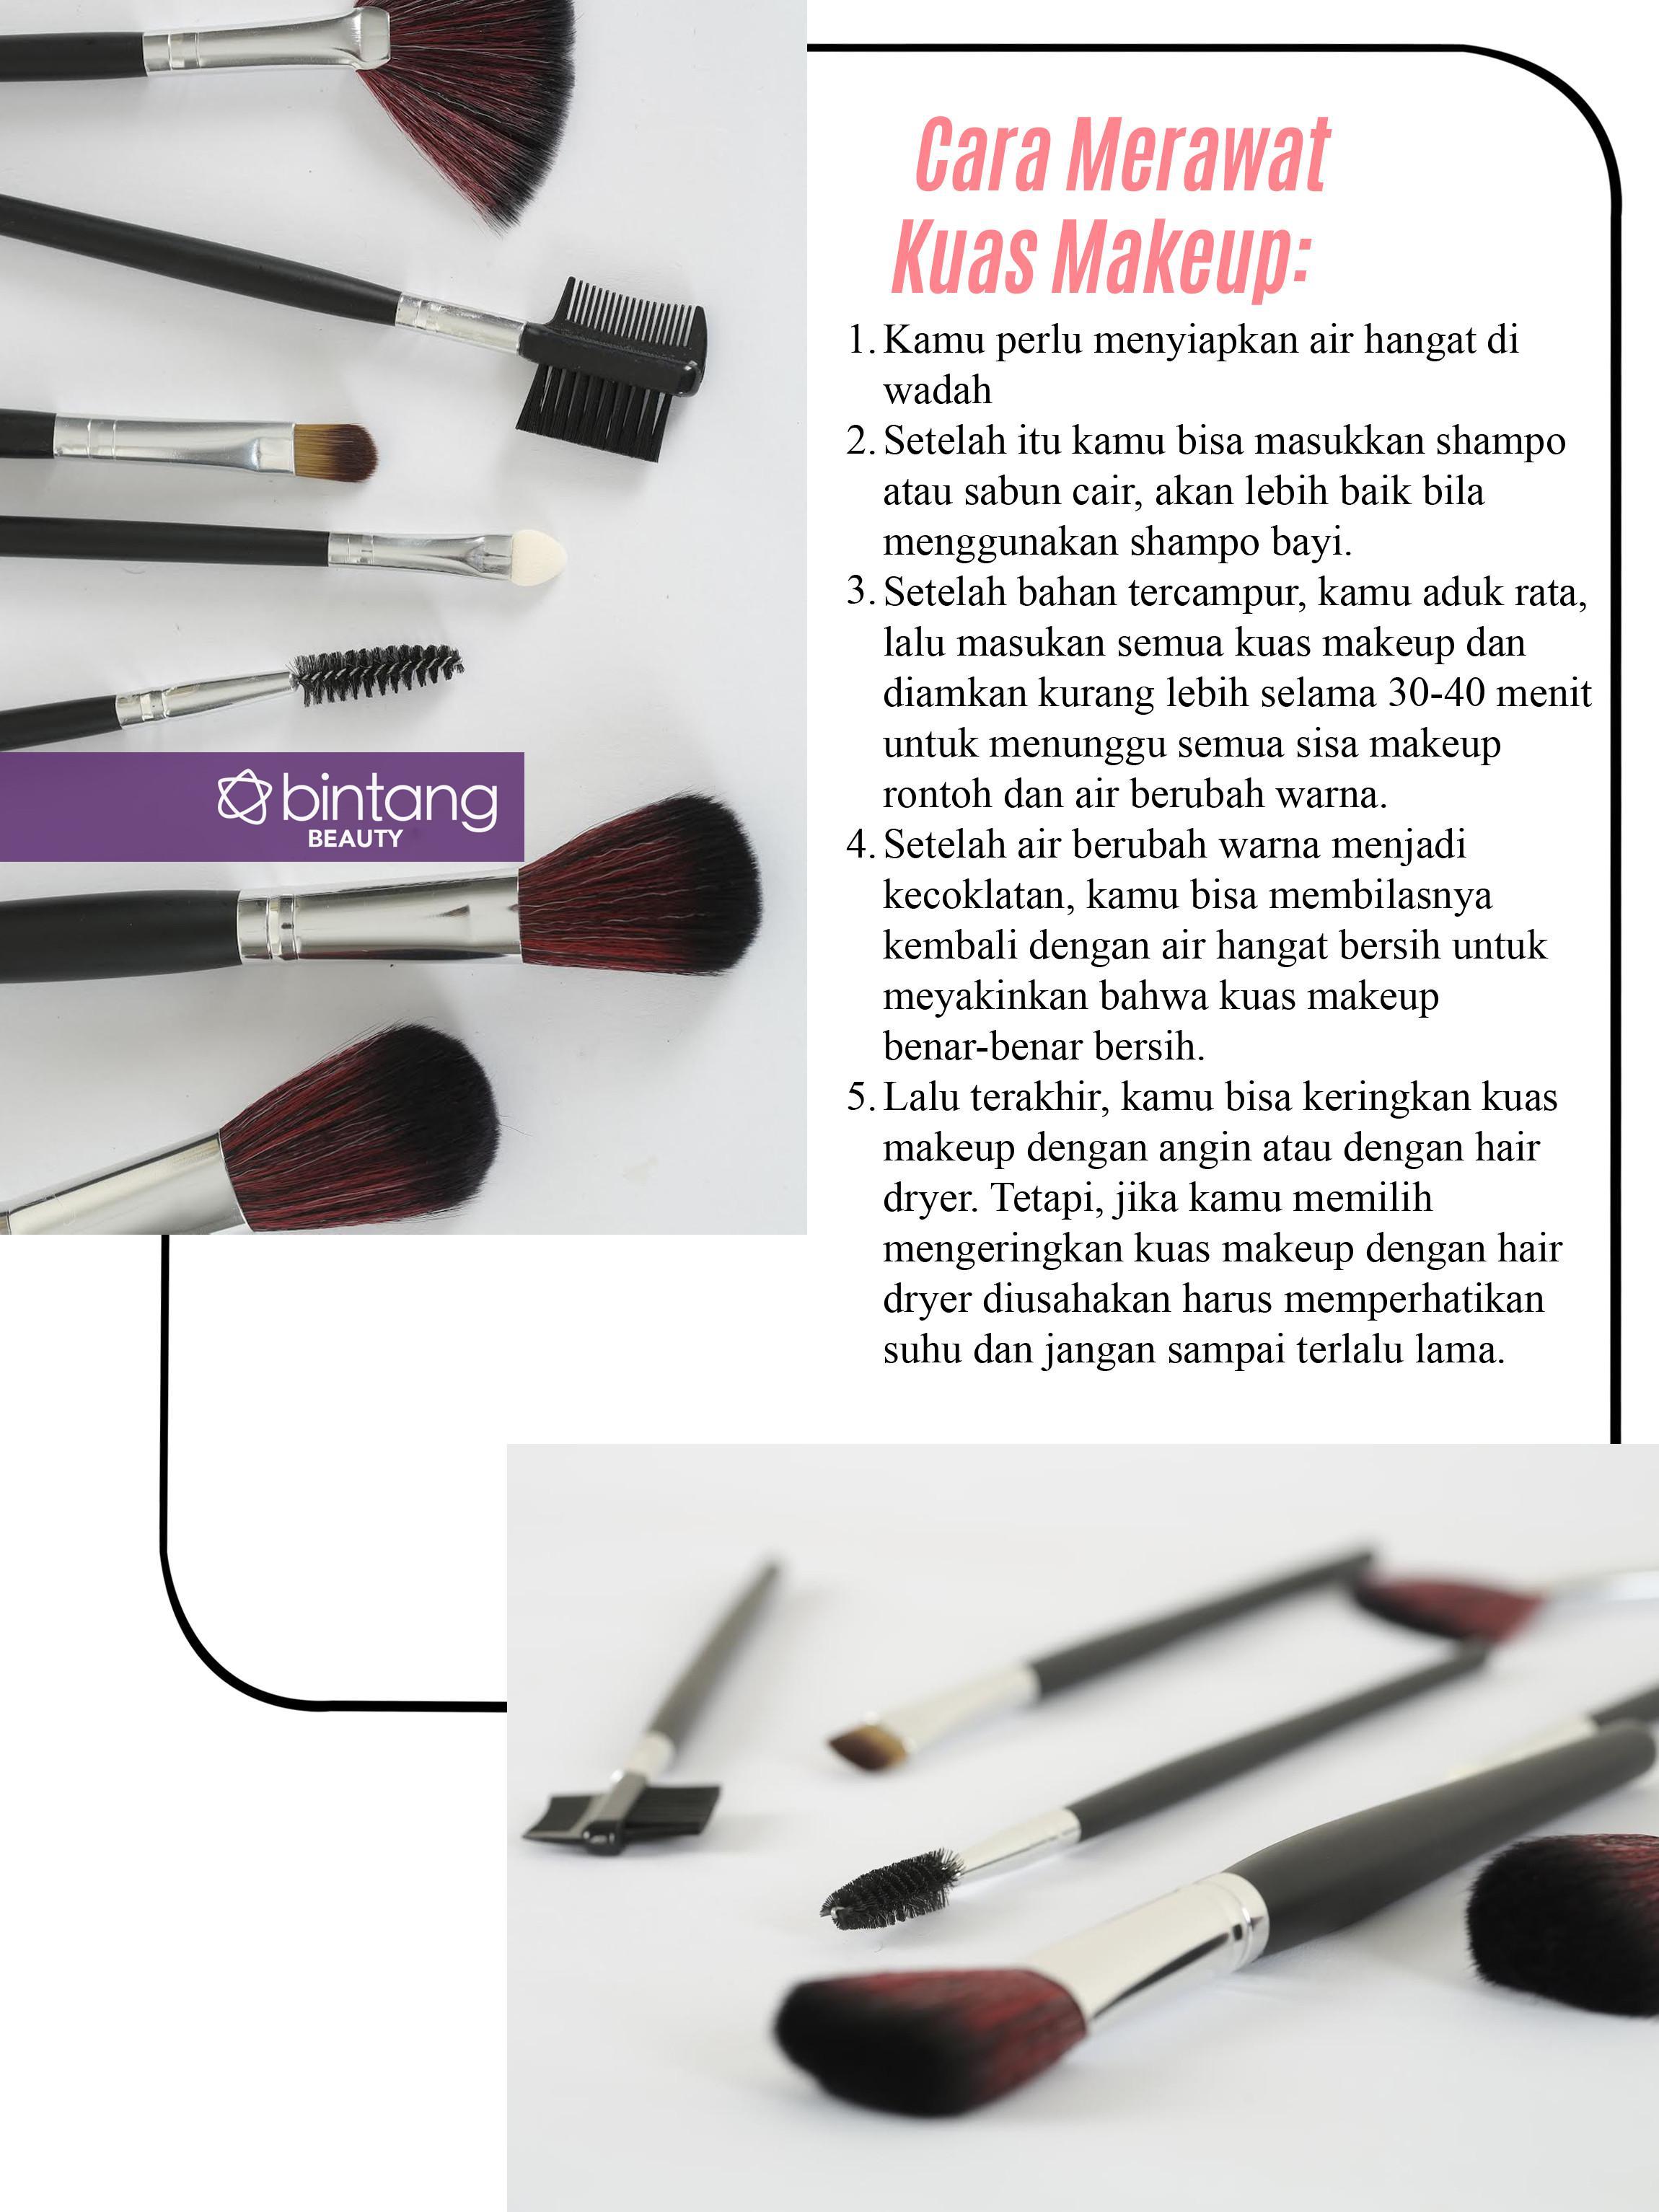 Yang Perlu Kamu Ketahui Tentang Kuas Makeup. (foto: Daniel Kampua/Bintang.com, Digital Imaging: Nurman Abdul Hakim/Bintang.com).